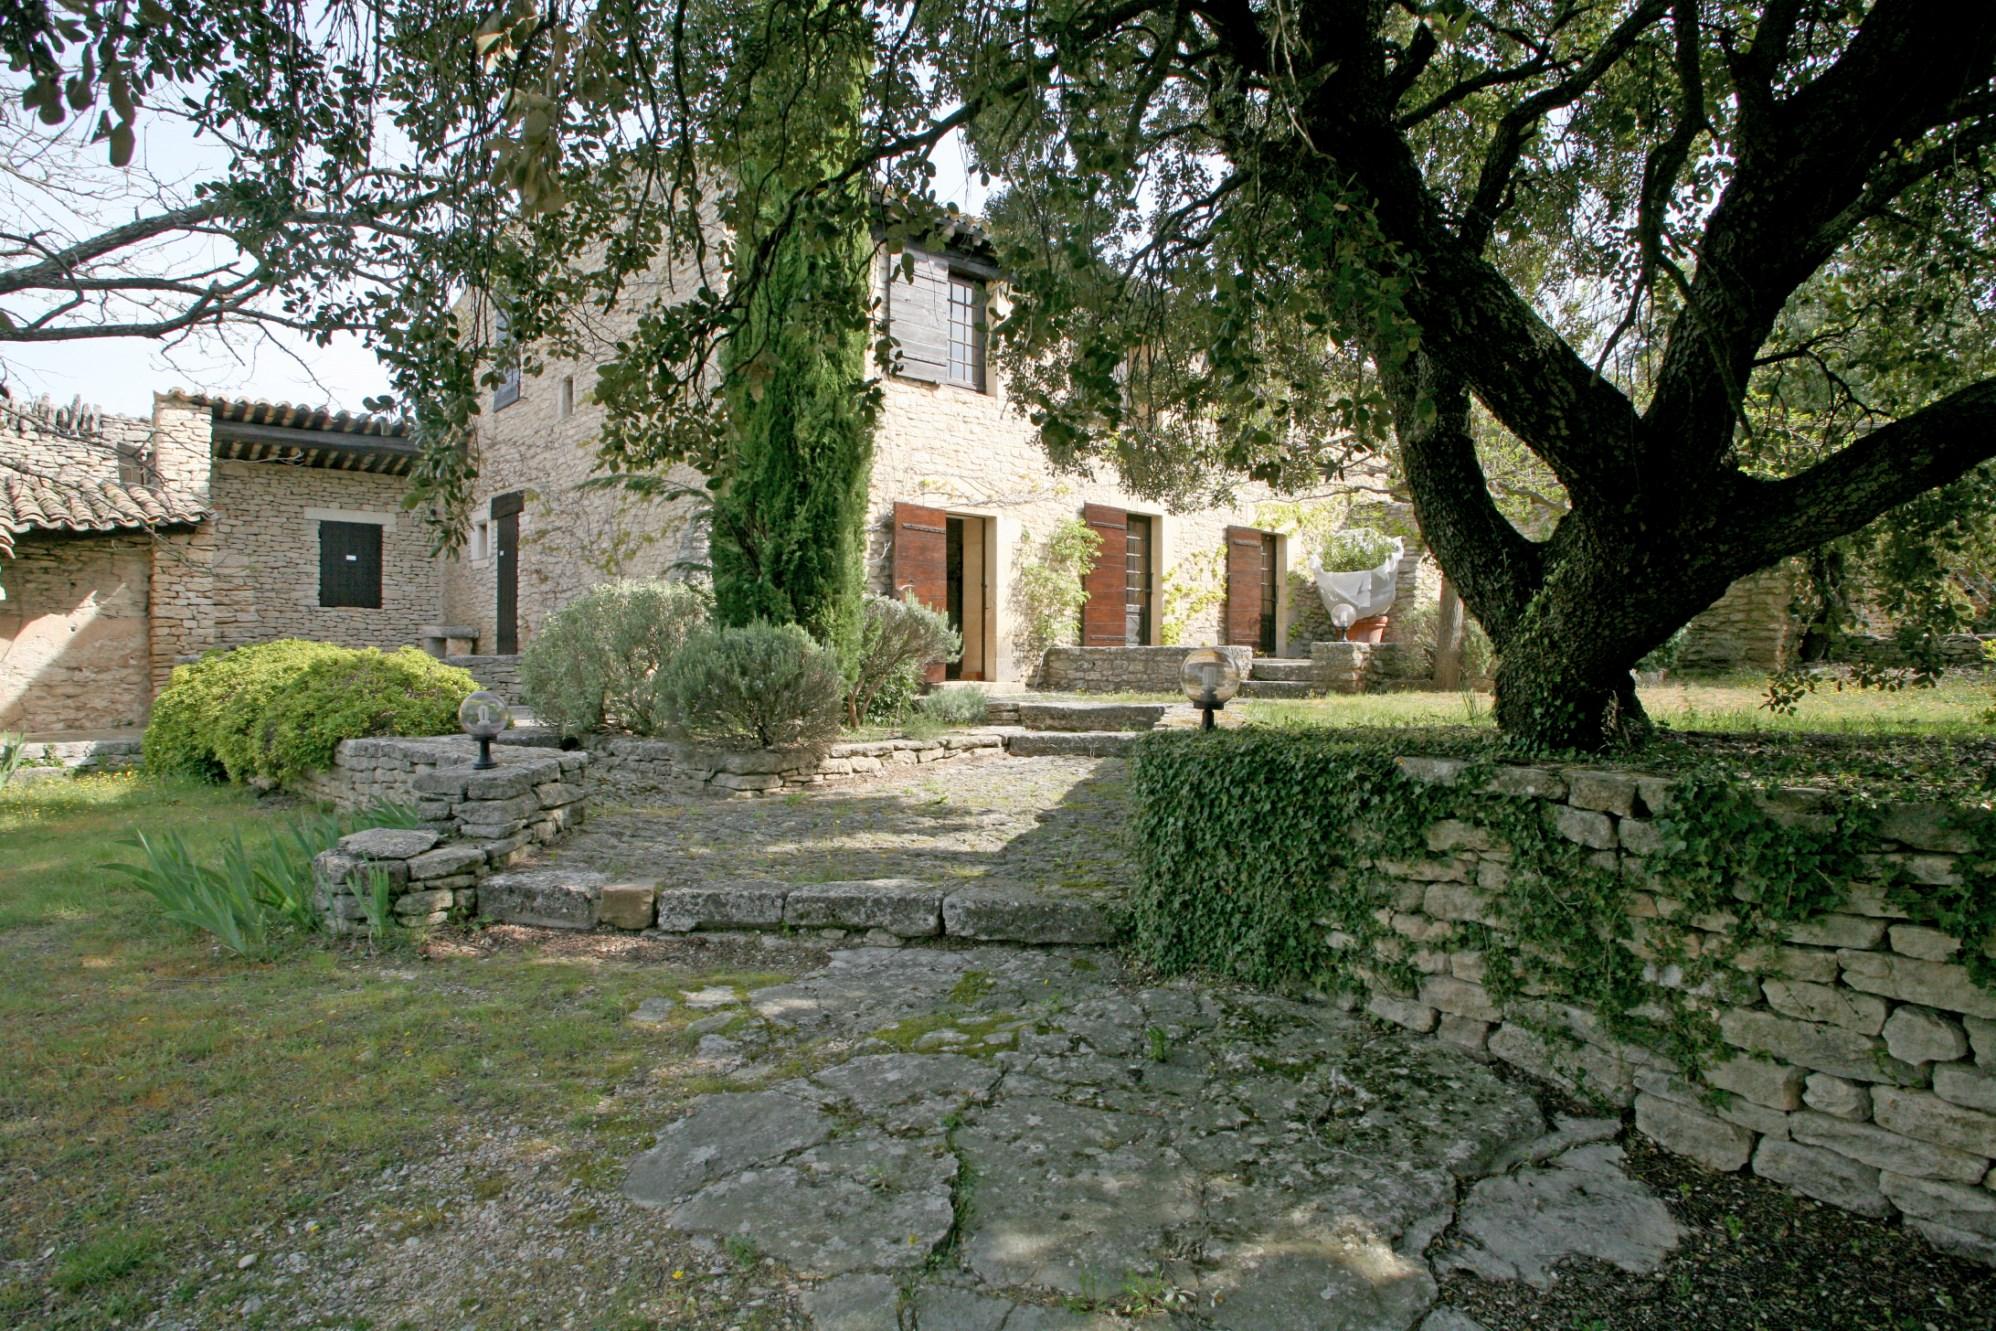 En vente, en Luberon,  dans un parc naturel préservé, propriété en 2 parties pouvant être reliées,  avec piscine